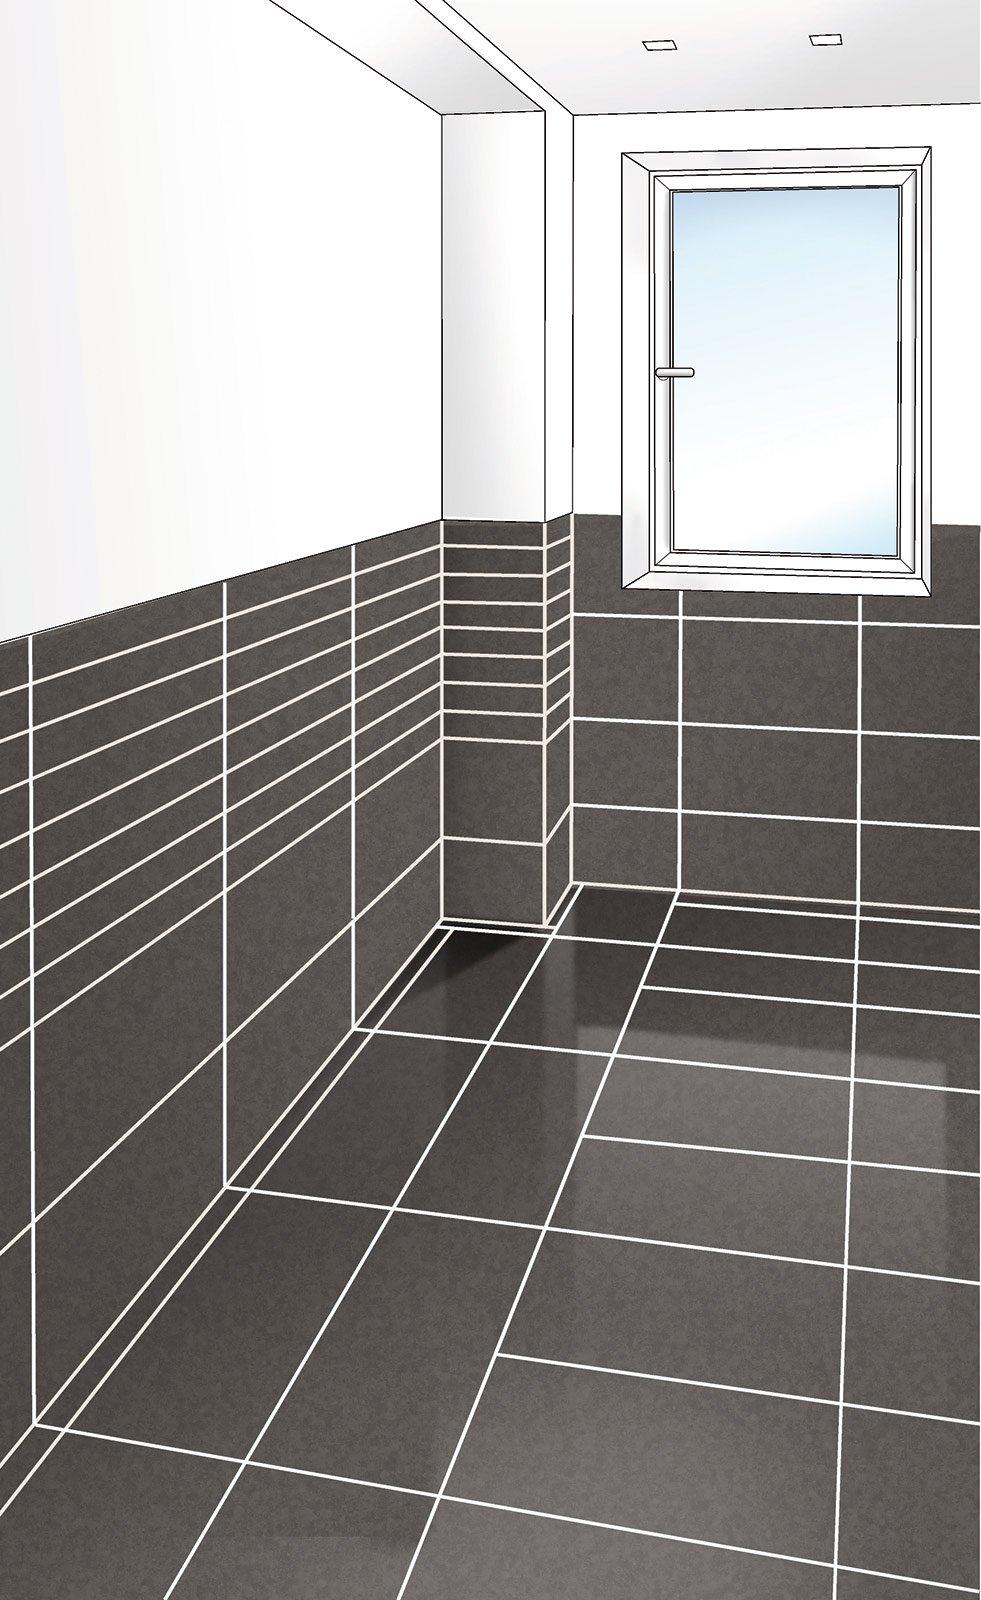 Casabook immobiliare febbraio 2014 - Piastrelle x bagno ...